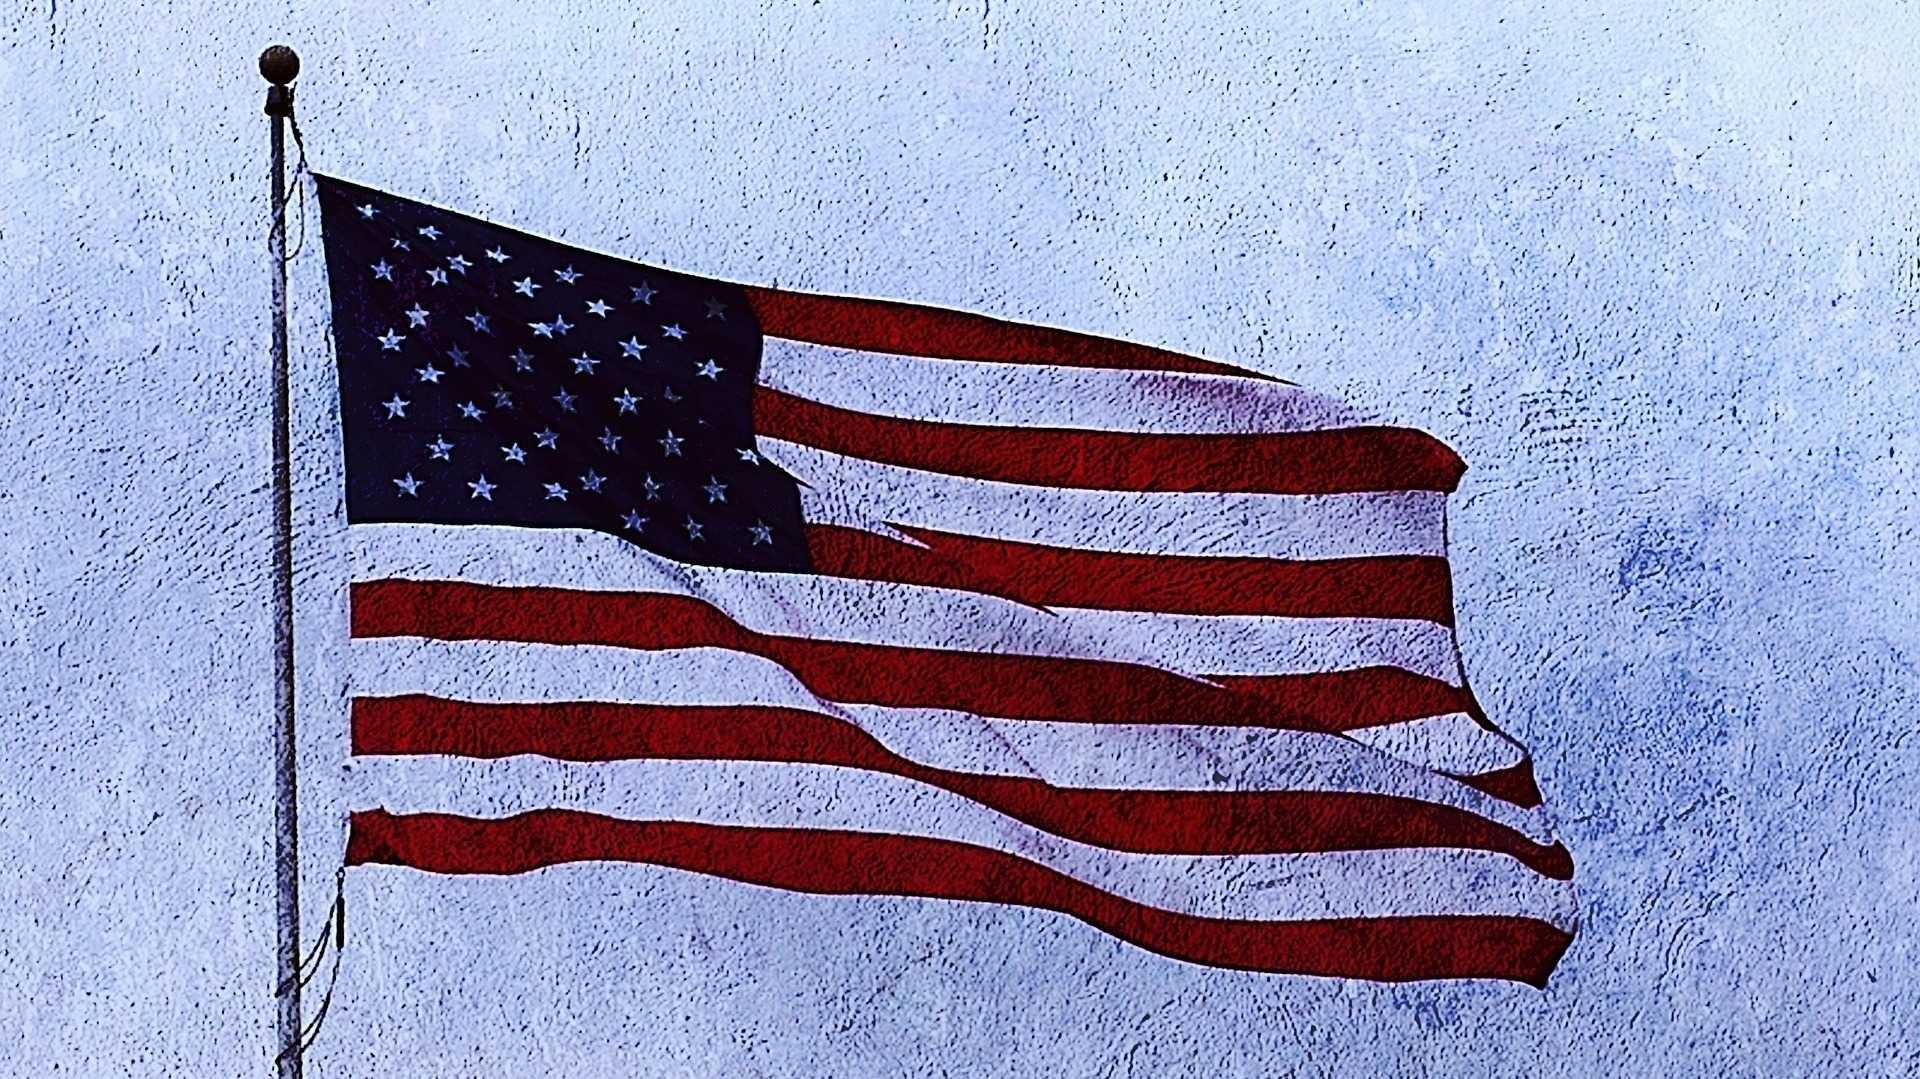 US-Fahne, leicht künstlerisch verfremdet